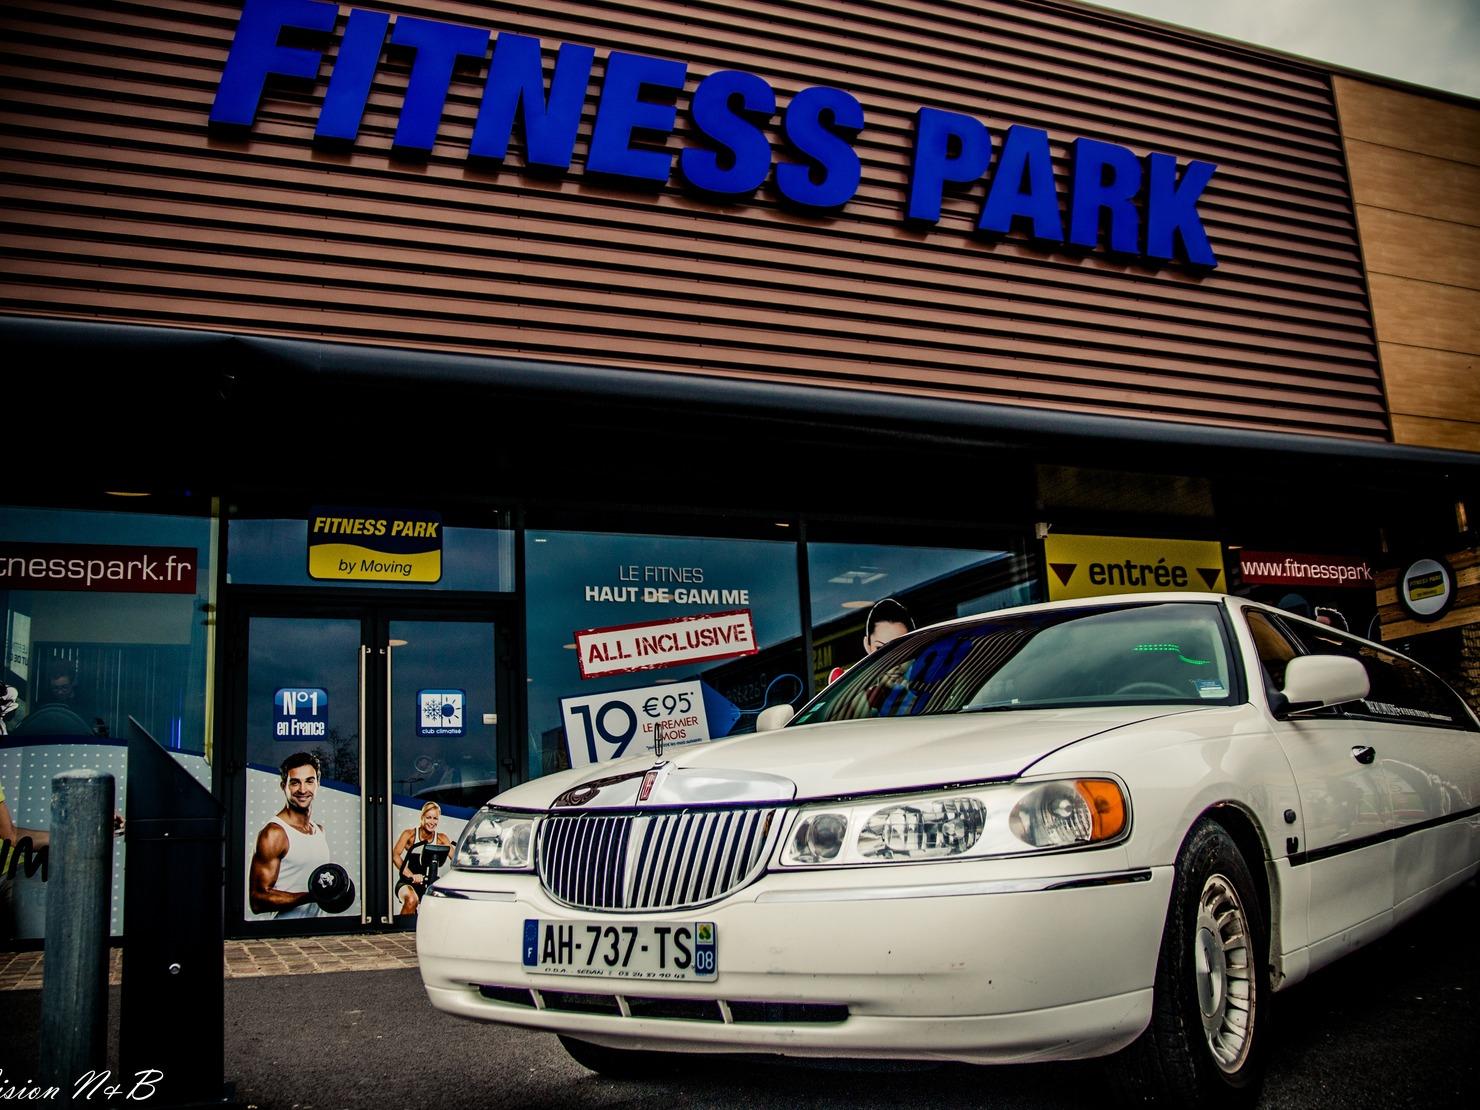 fitness park charleville 224 la francheville tarifs avis horaires essai gratuit